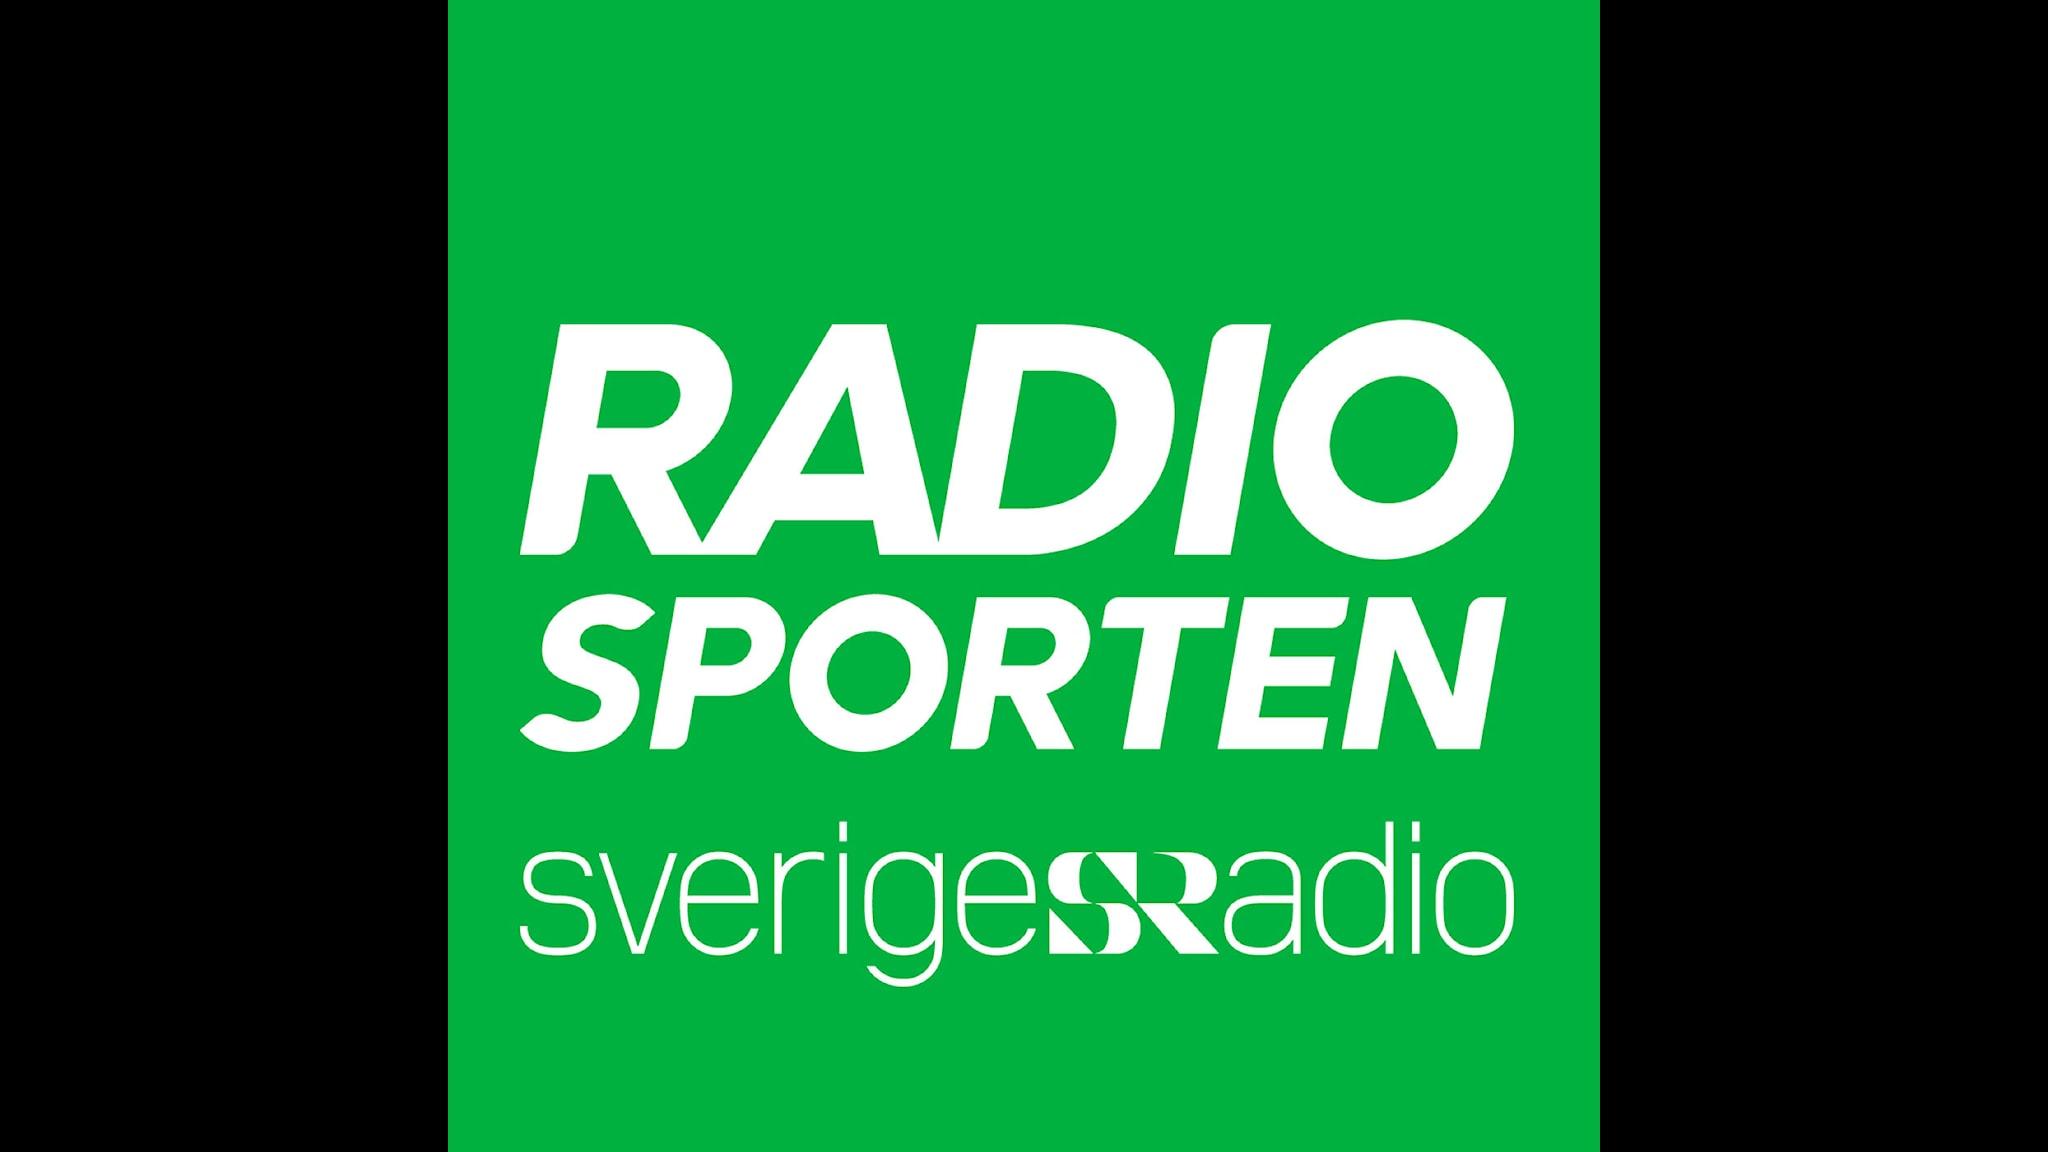 Sportextra